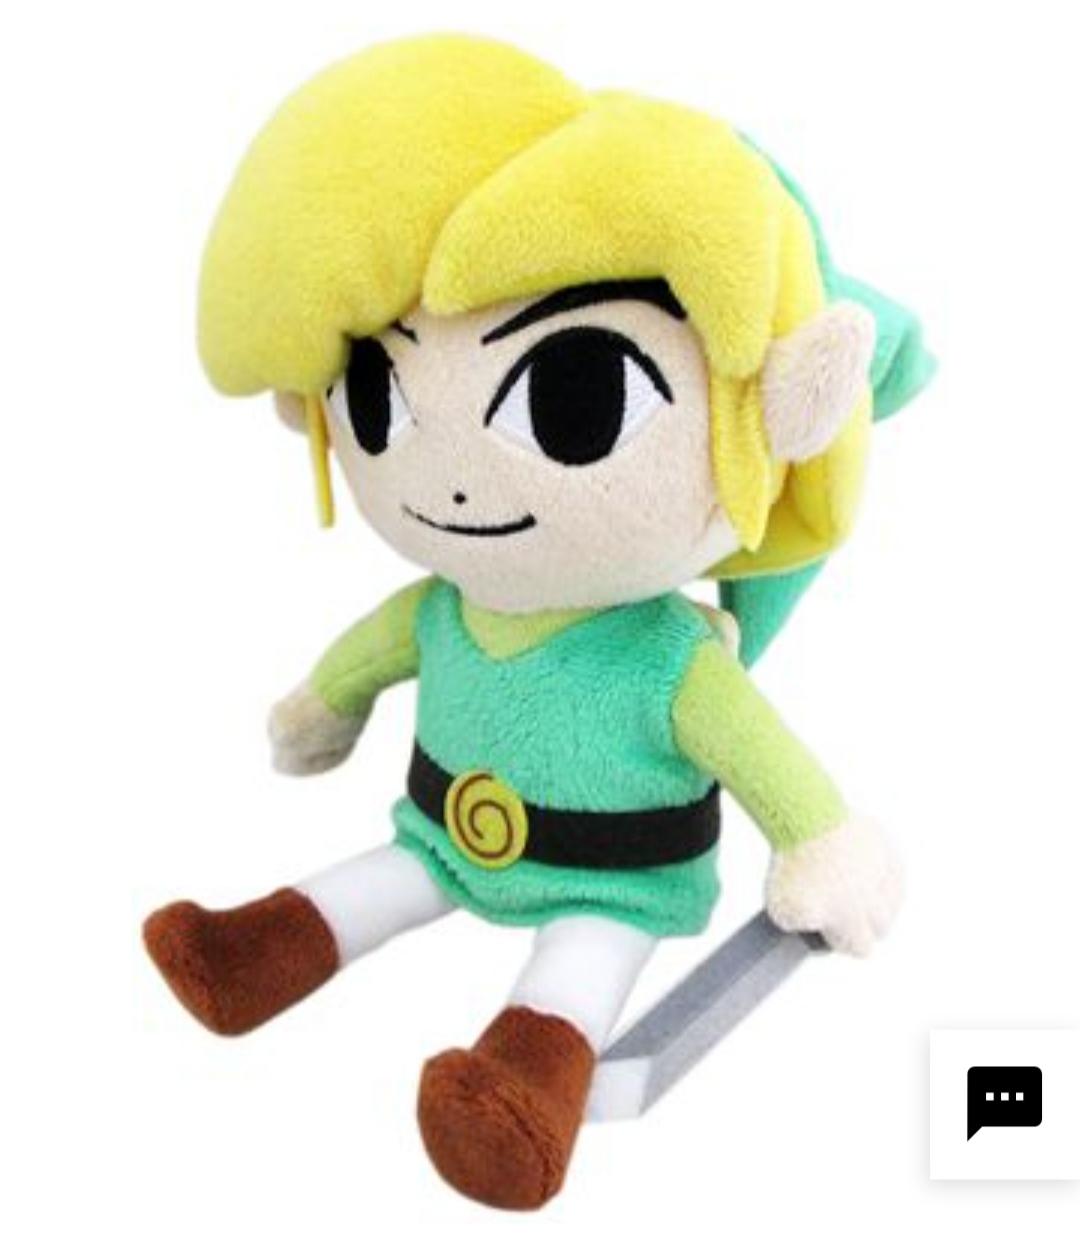 Legend of Zelda Link Plüsch-Figur